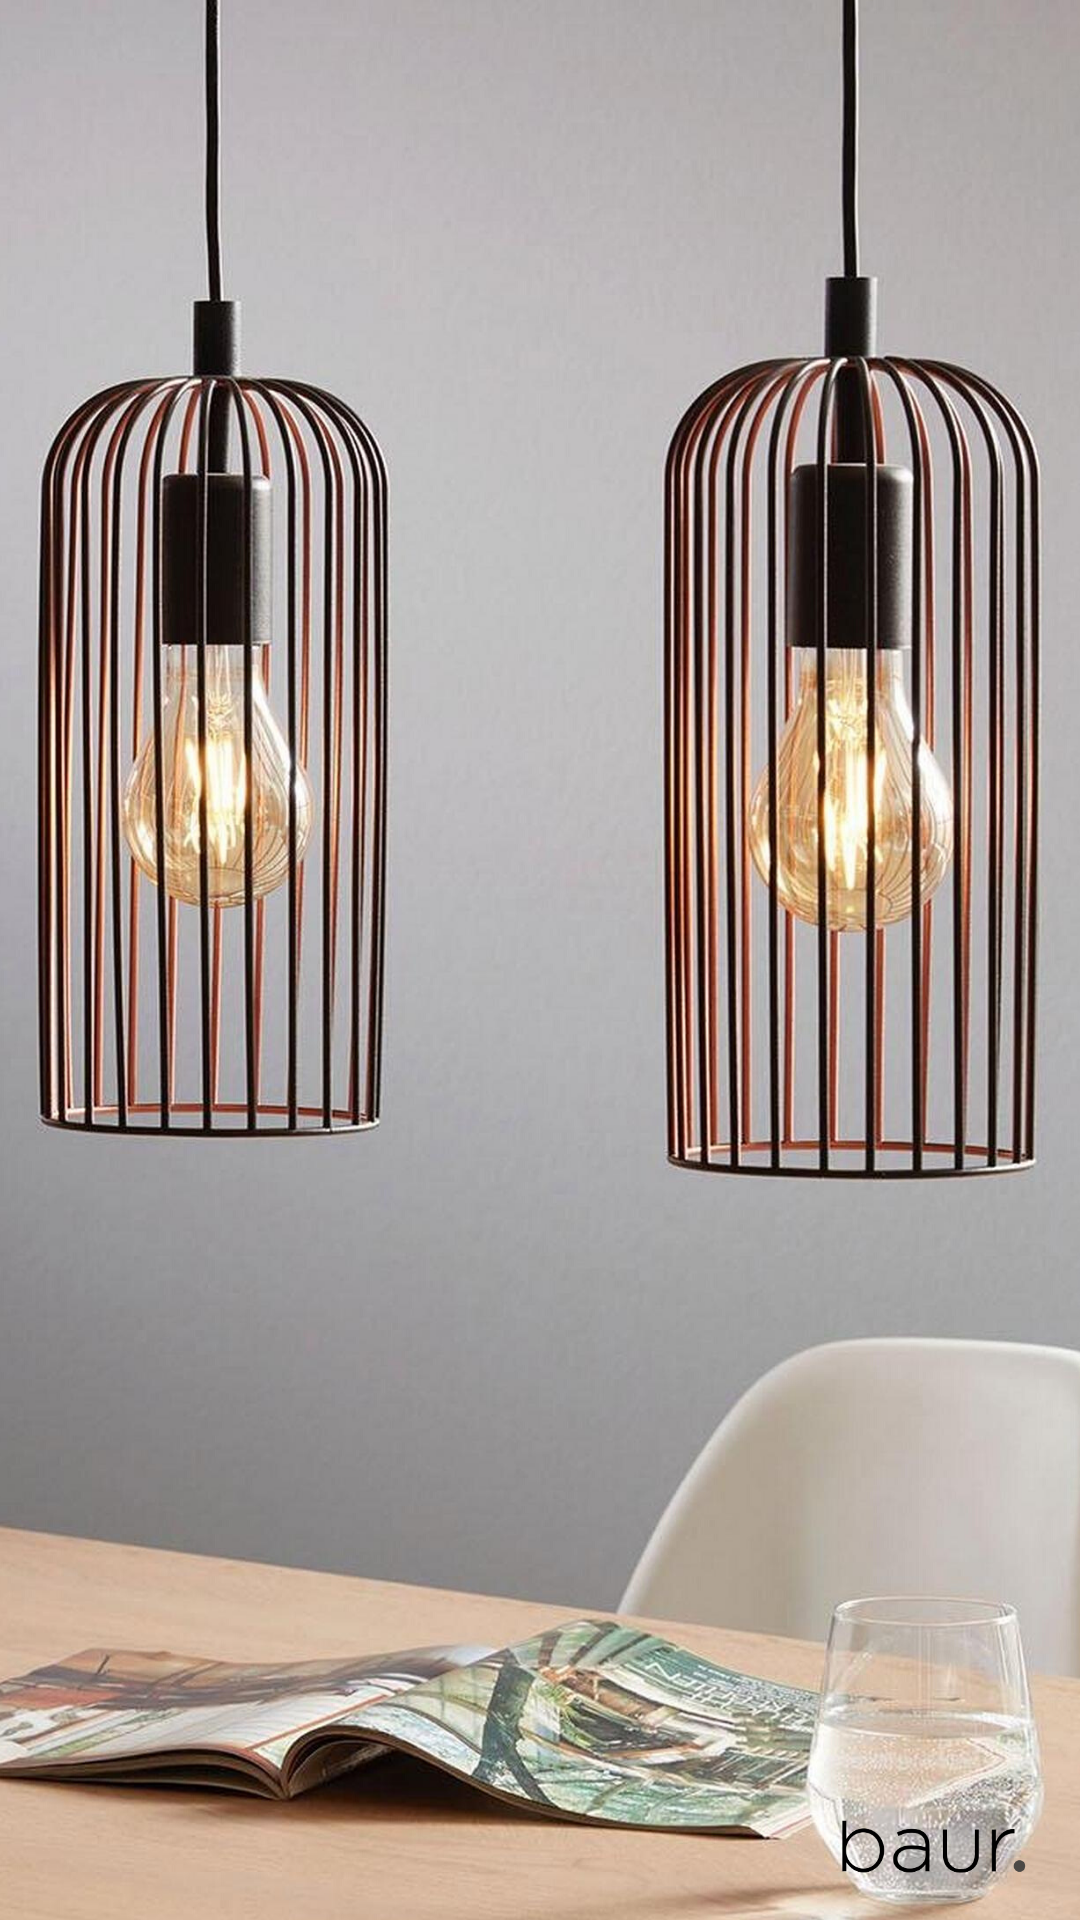 Lampen Und Leuchten Von Baur De Entdecke Die Perfekte Beleuchtung Fur Jeden Raum In 2020 Lampen Und Leuchten Lampen Moderne Lampen